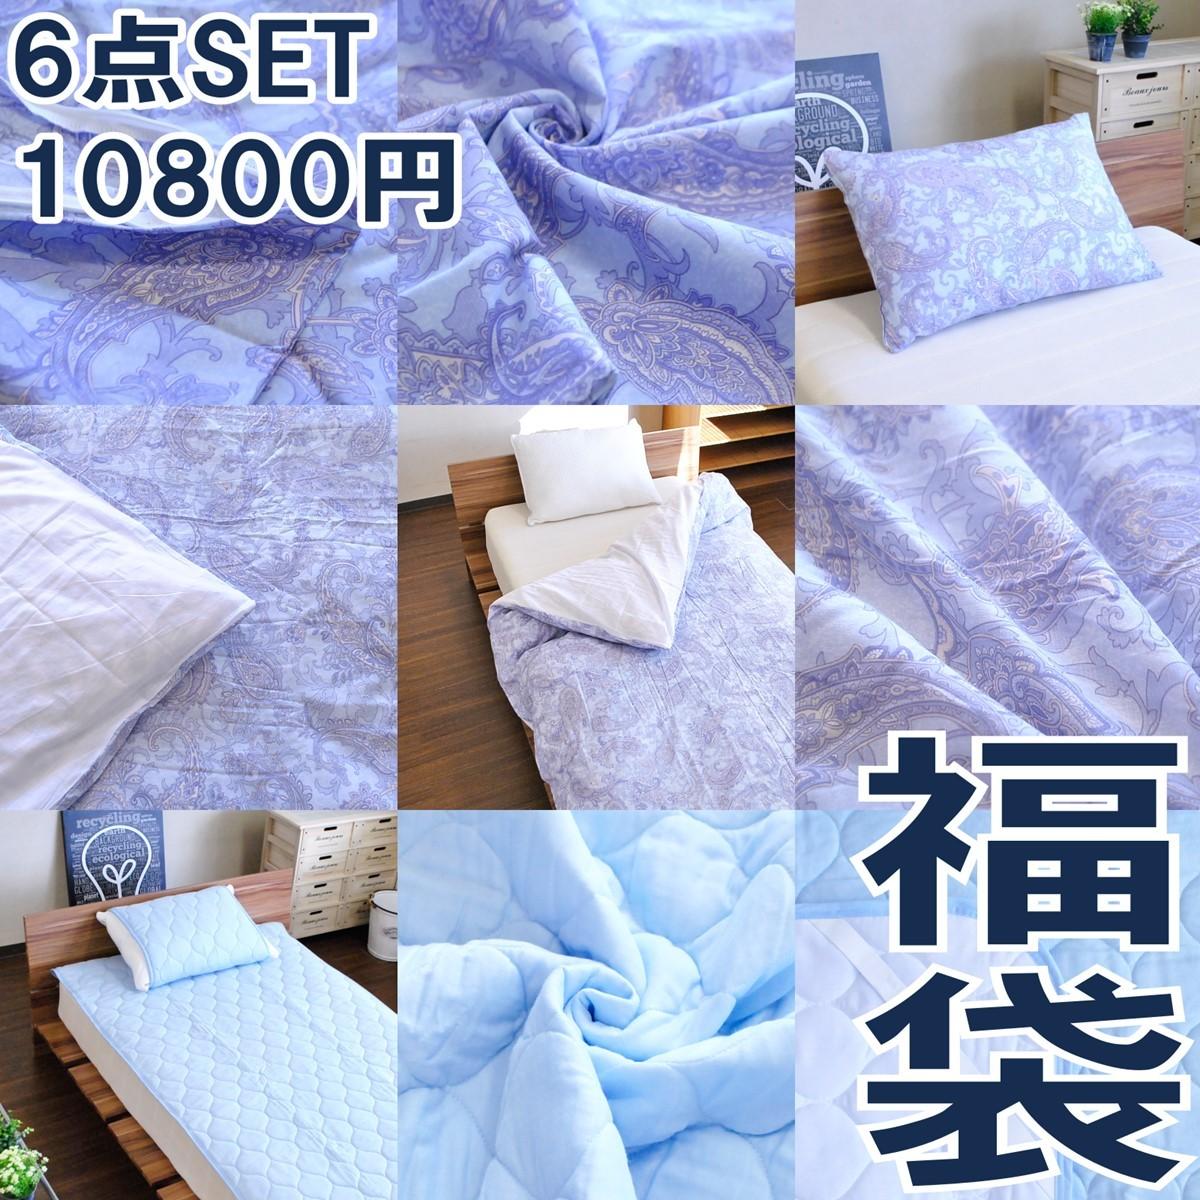 【2019年】 【福袋】 【送料無料】 【1万円】 日本製 綿 寝具6点セット ペイズリー柄 シングル